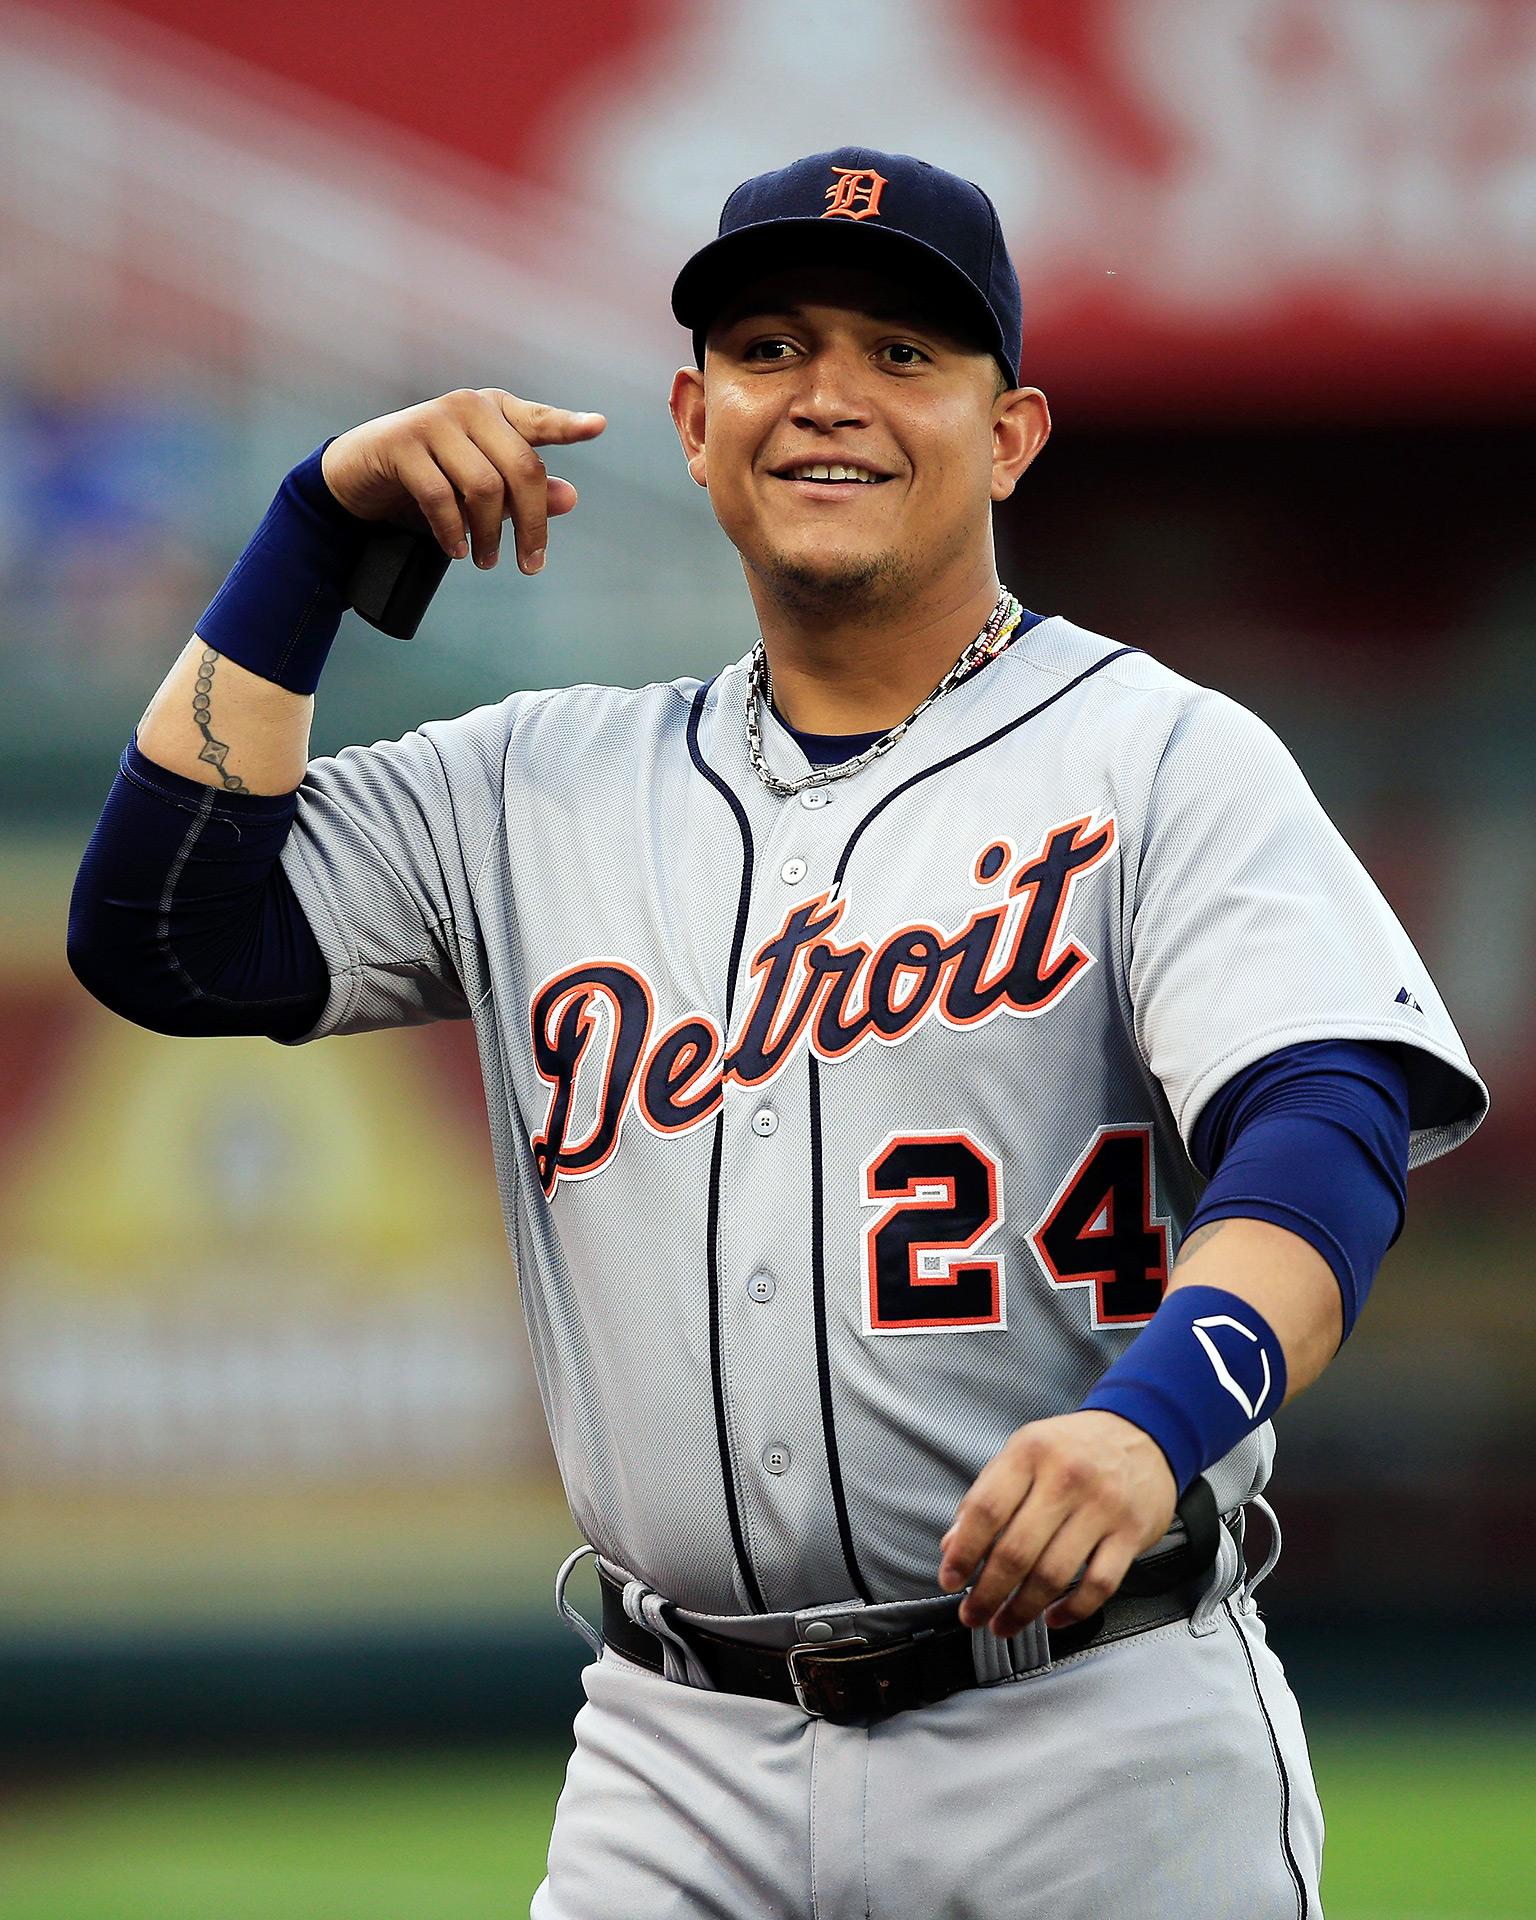 3. Miguel Cabrera, Tigers - 9 percent